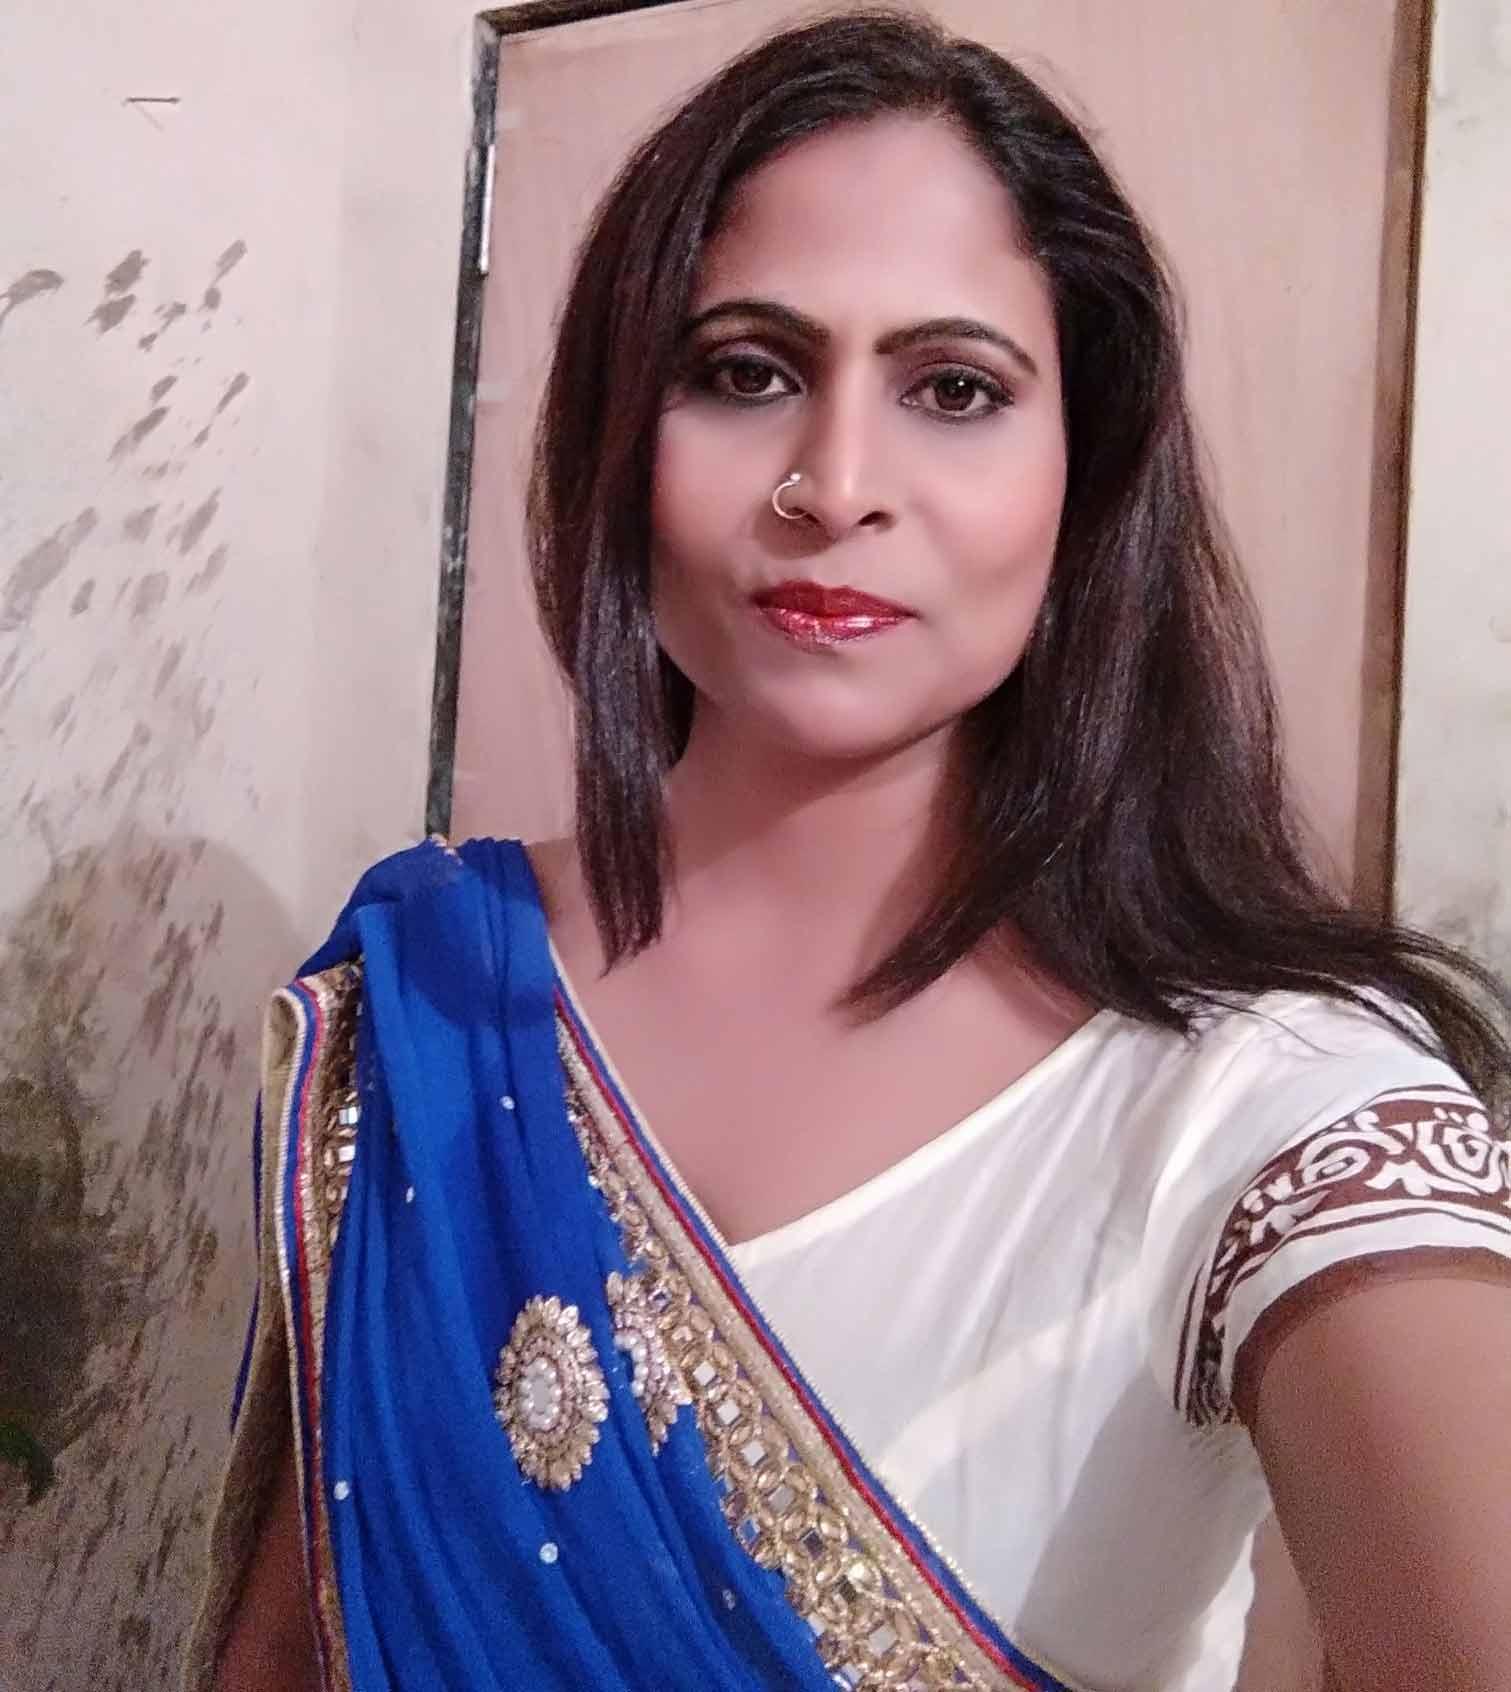 अभिनेत्री अनुपमा पाठक ने की आत्महत्या, फेसबुक पर लाइव हो सुनाई थी पीड़ा